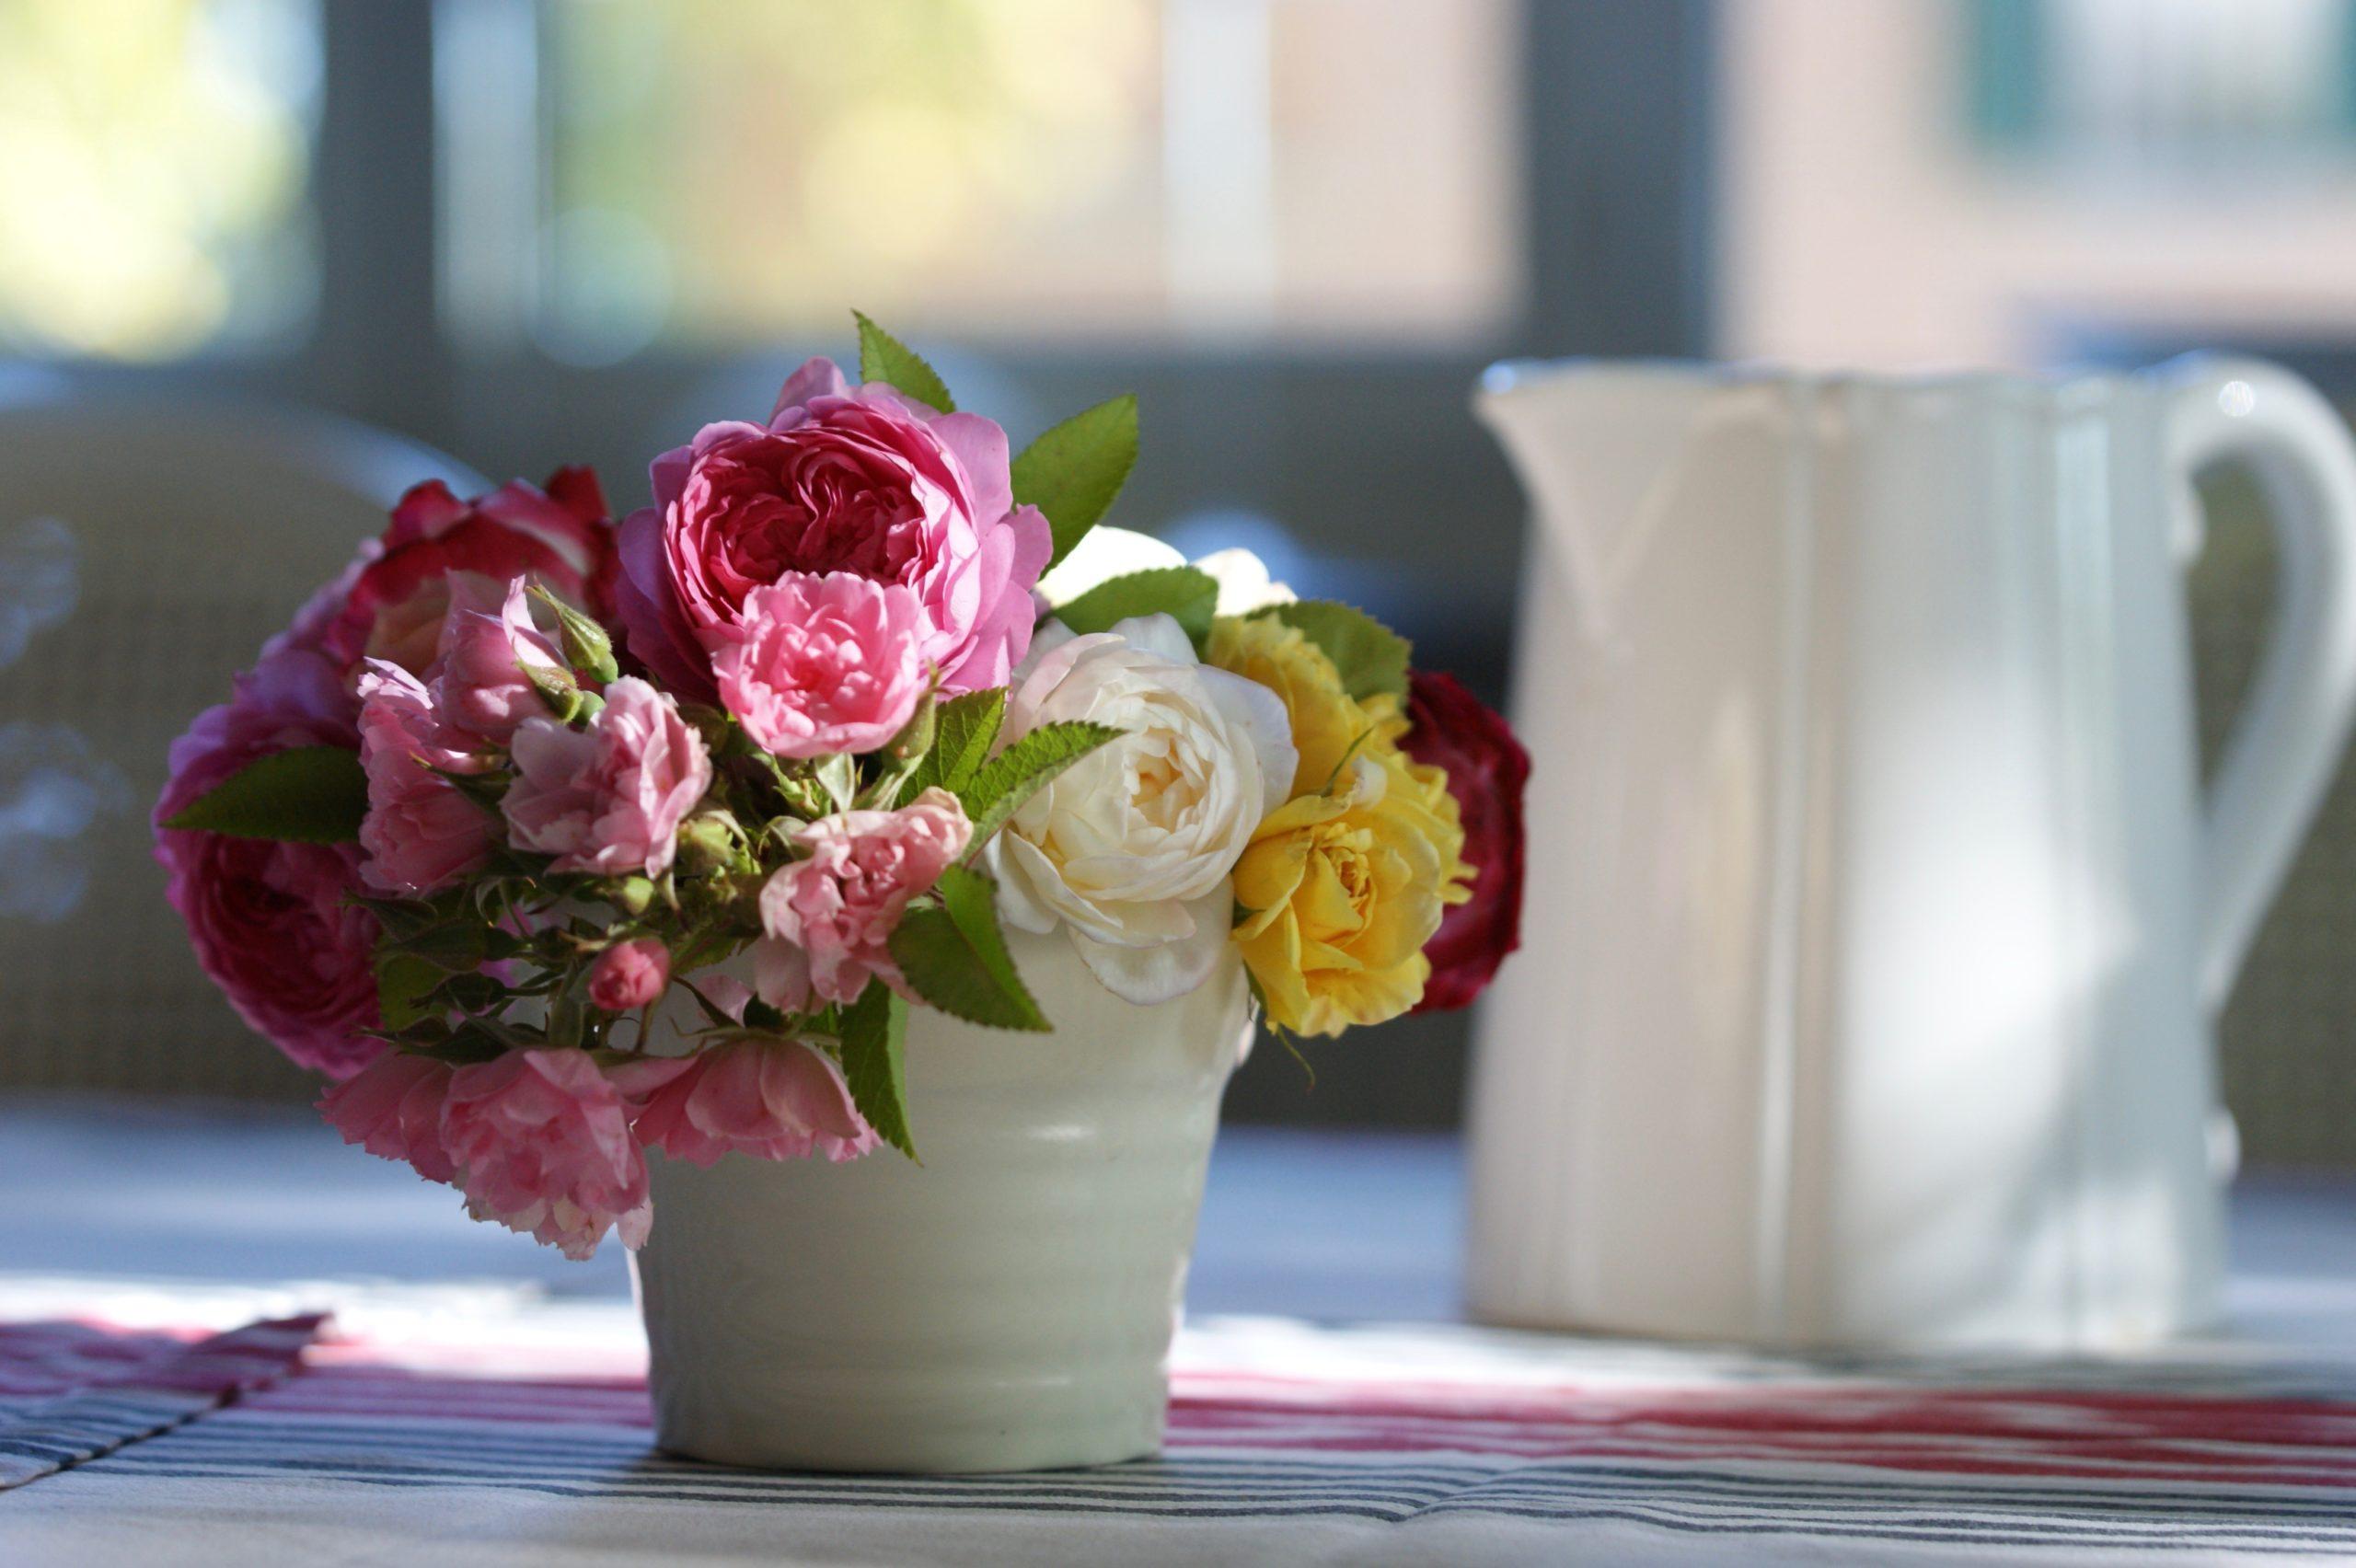 Bouquet de roses du jardin - Roses Guillot®